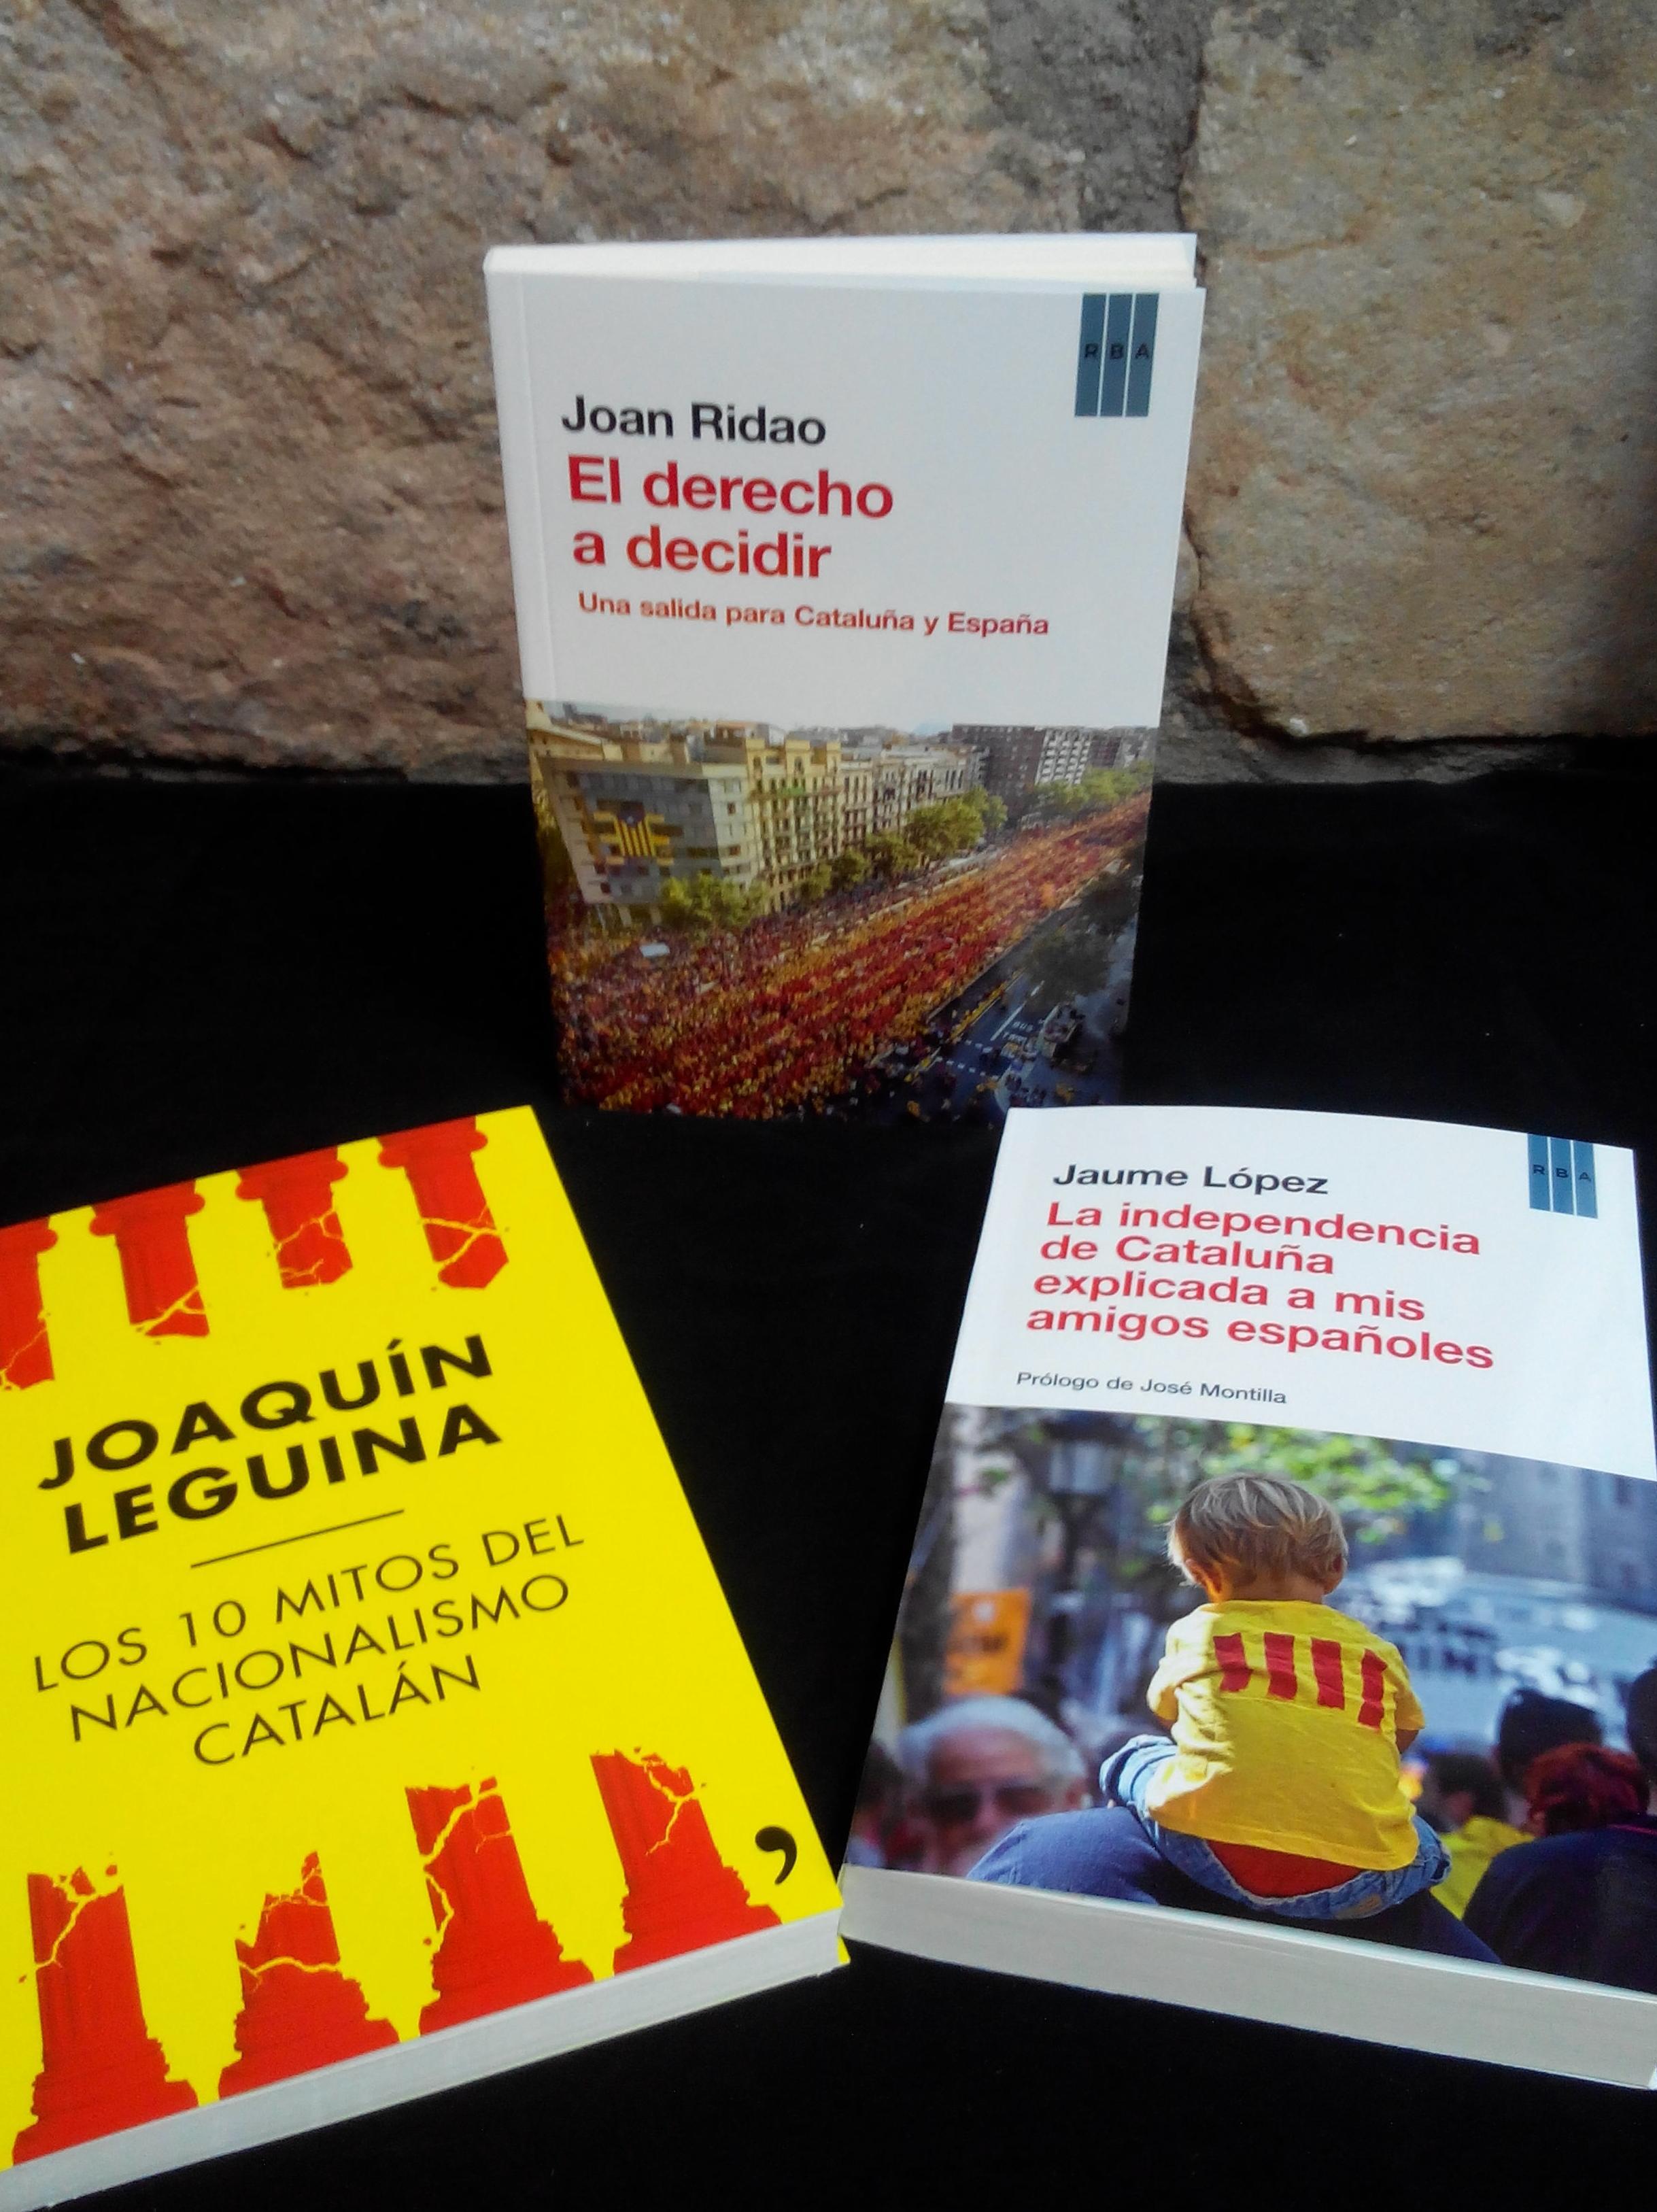 Libros sobre Nacionalismo: SECCIONES de Librería Nueva Plaza Universitaria